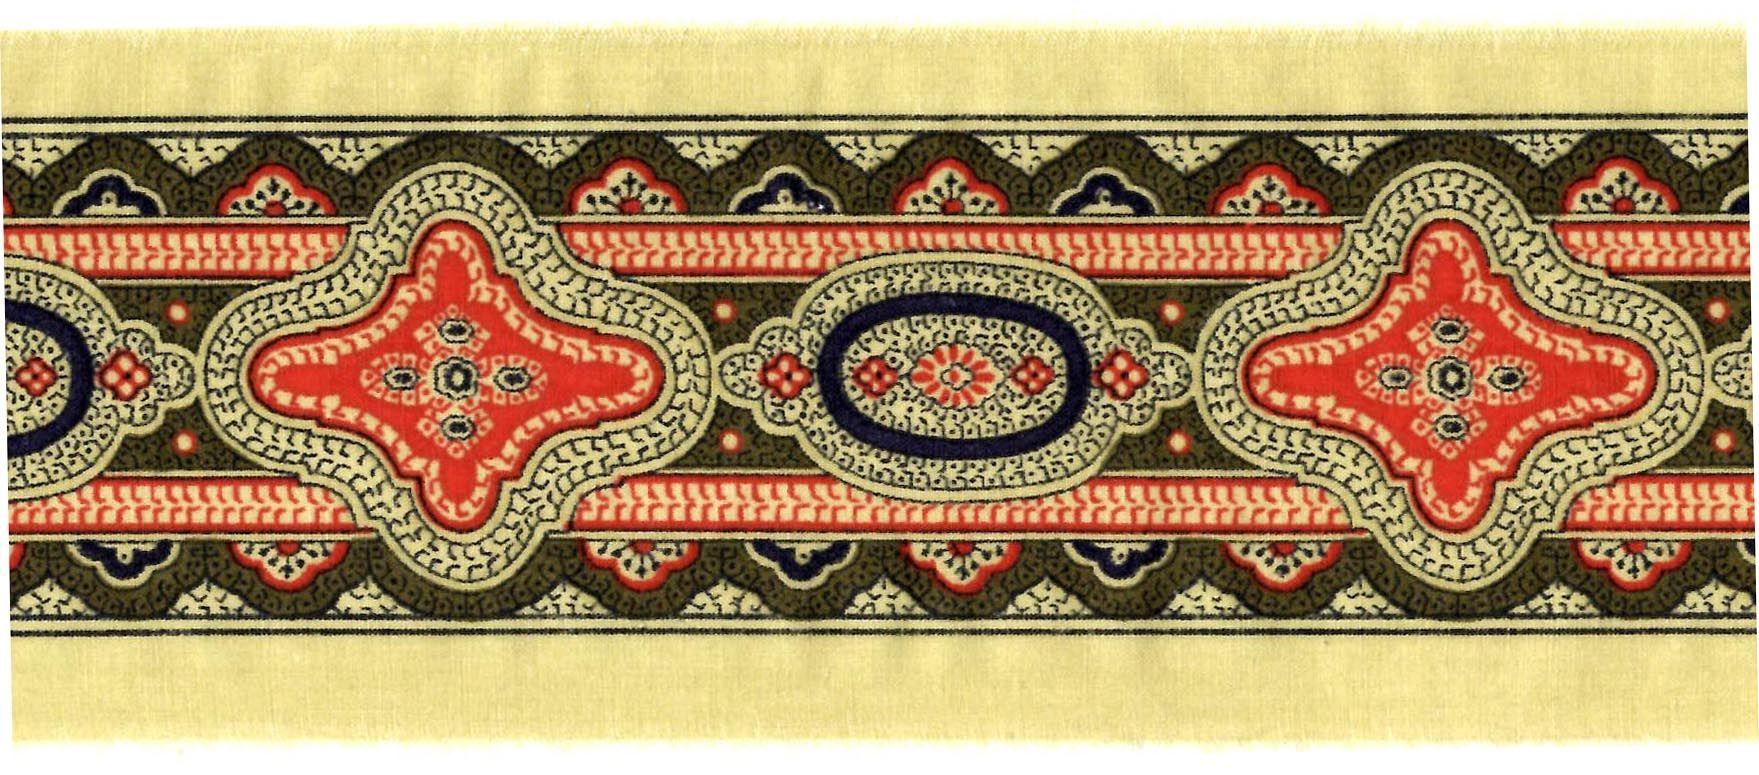 textile français : Souleiado, bordure, style provençal